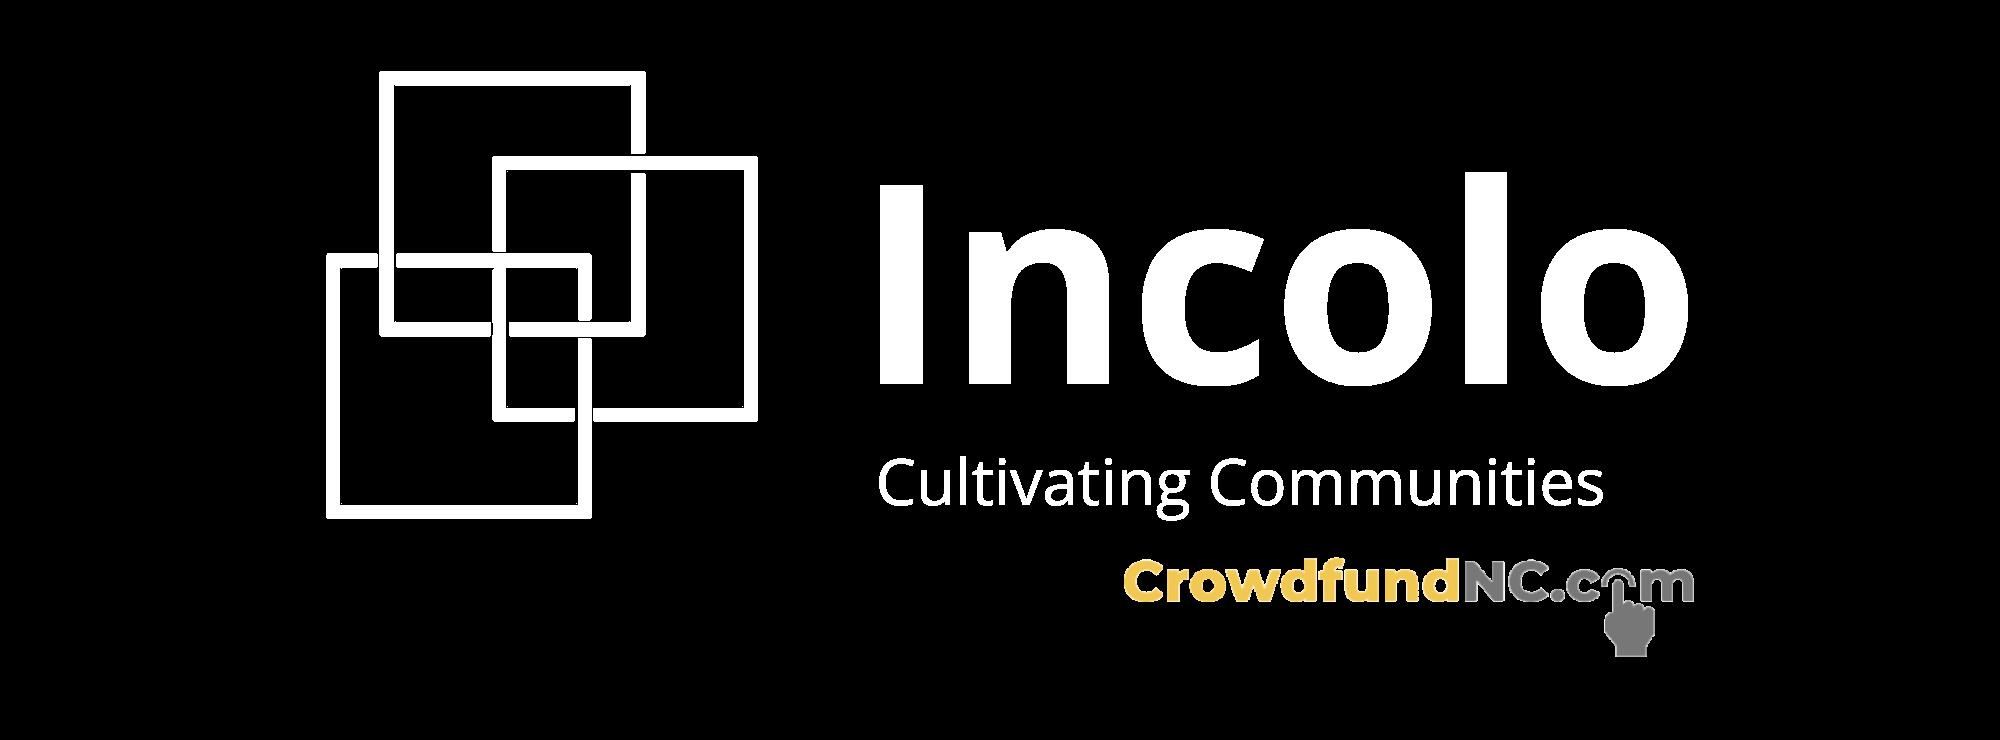 Incolo